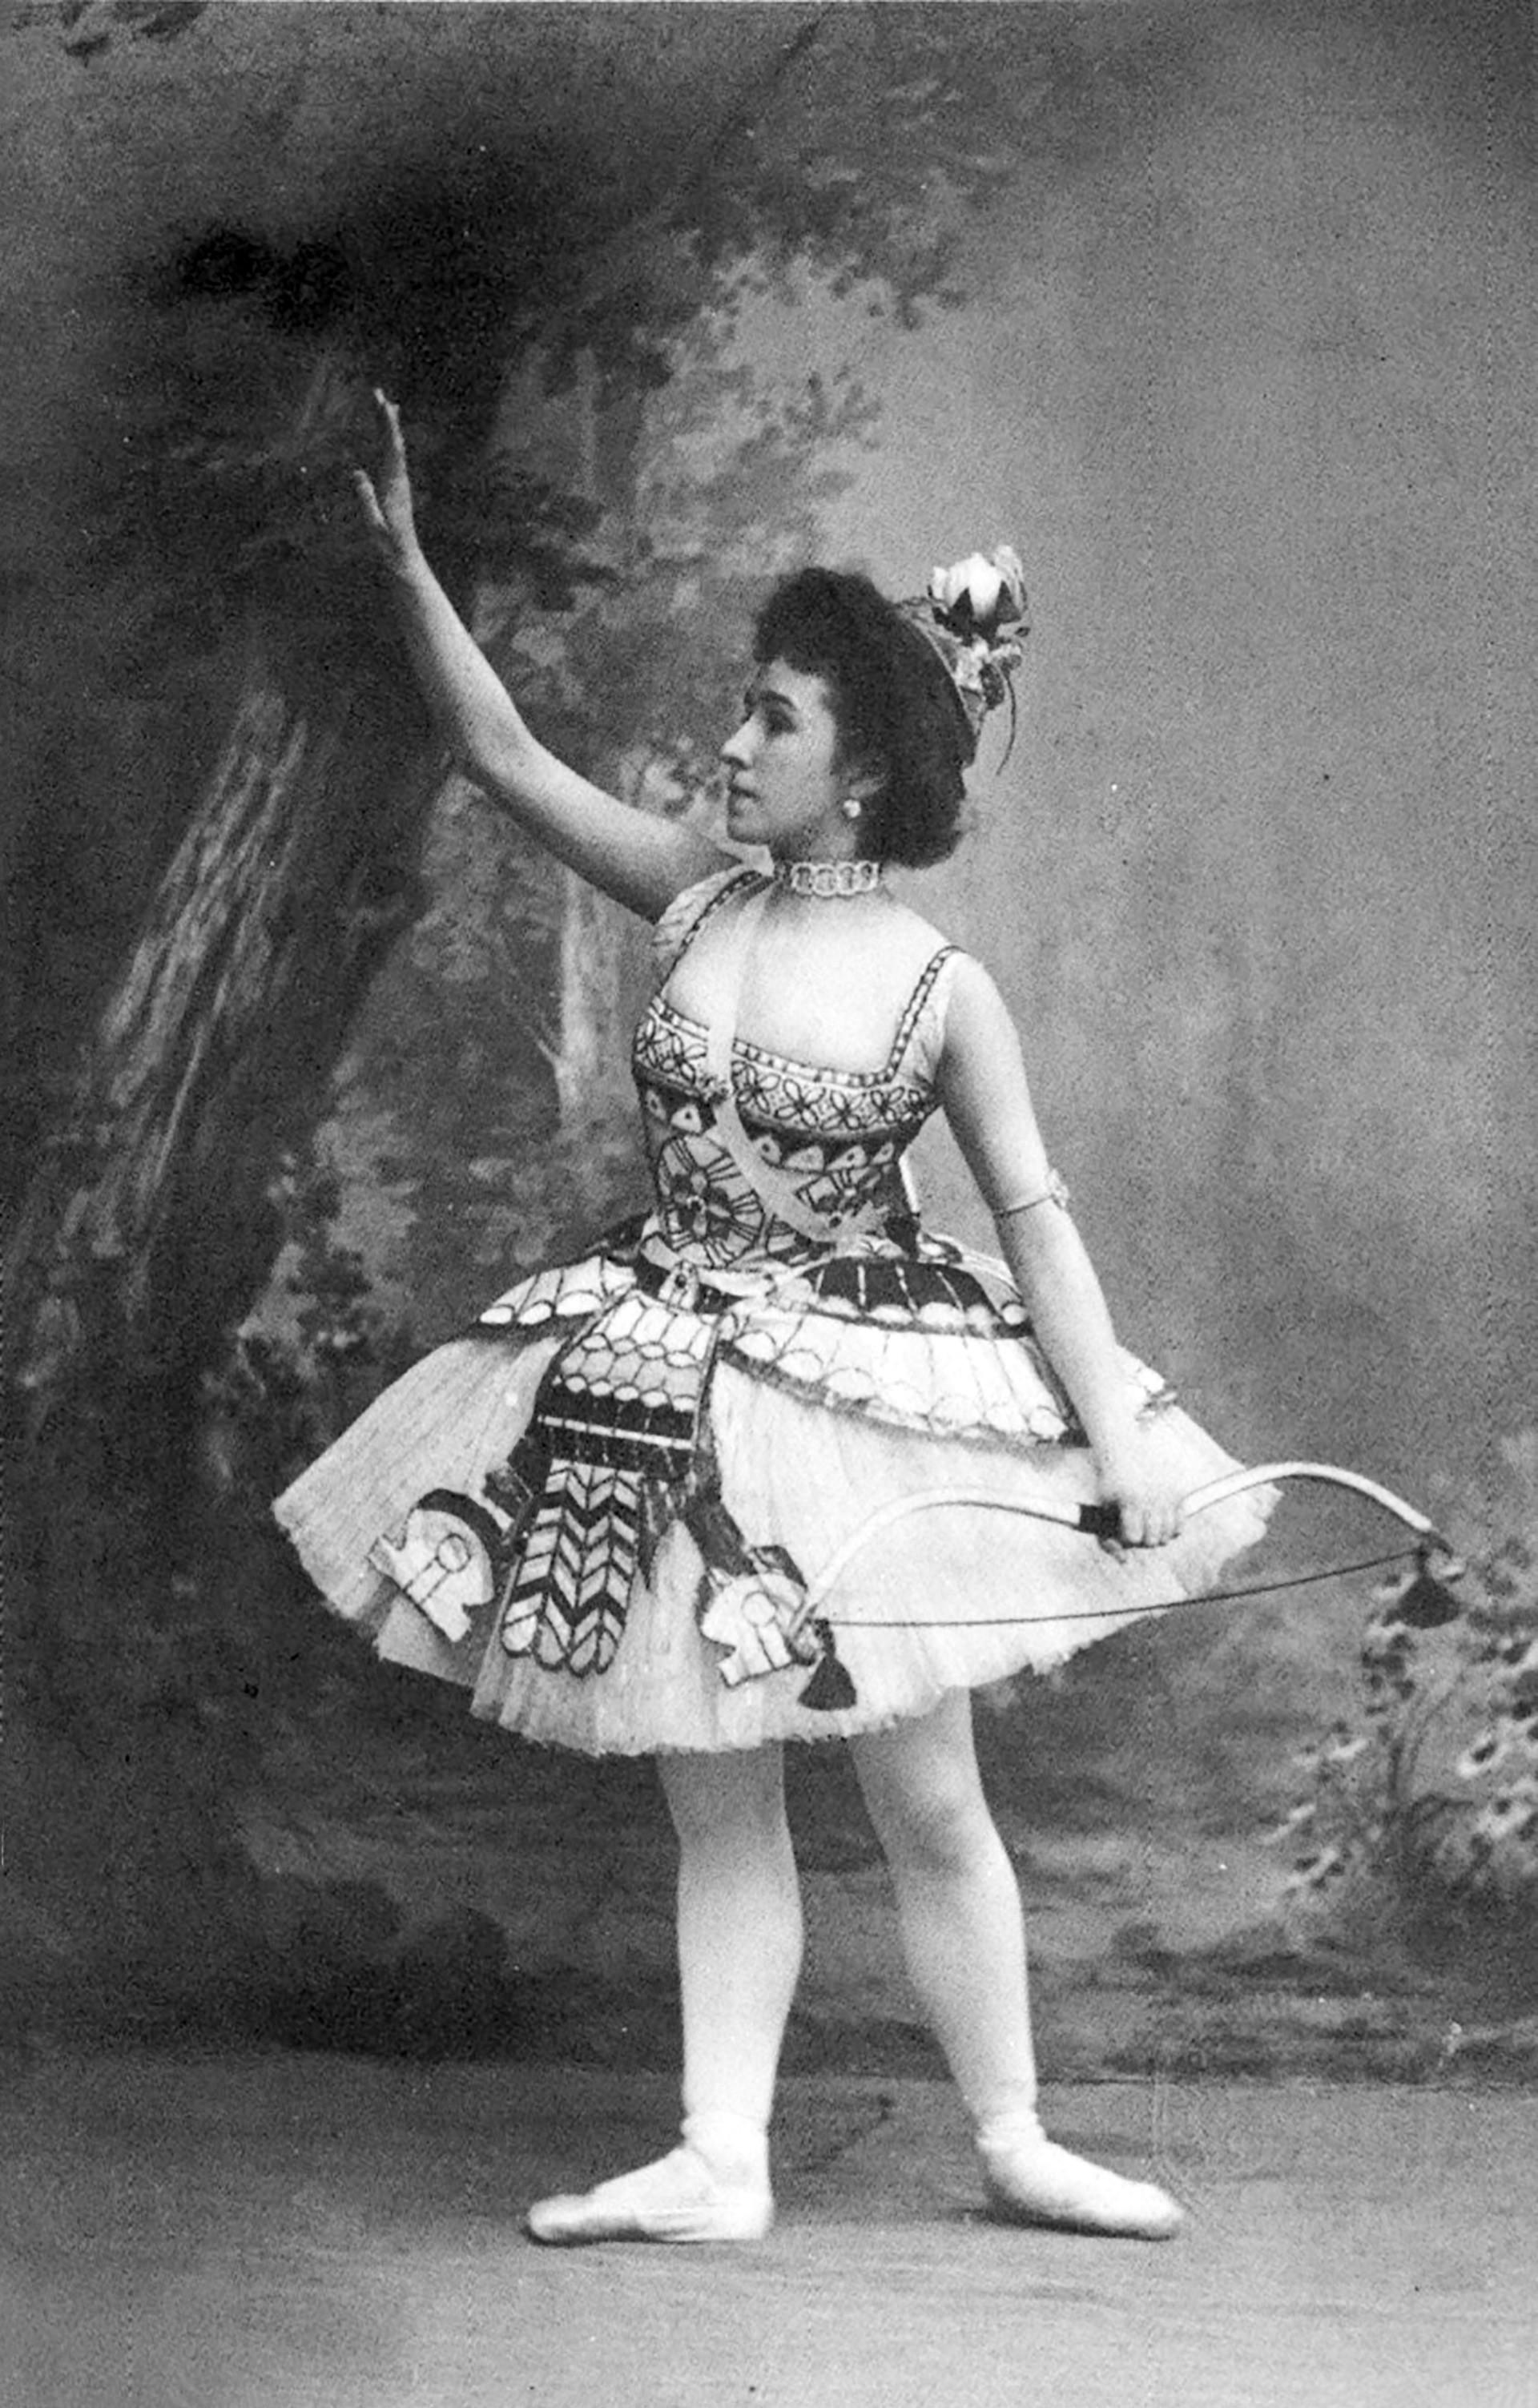 マチリダ・クシェシンスカヤ、バレエ「ファラオの娘」